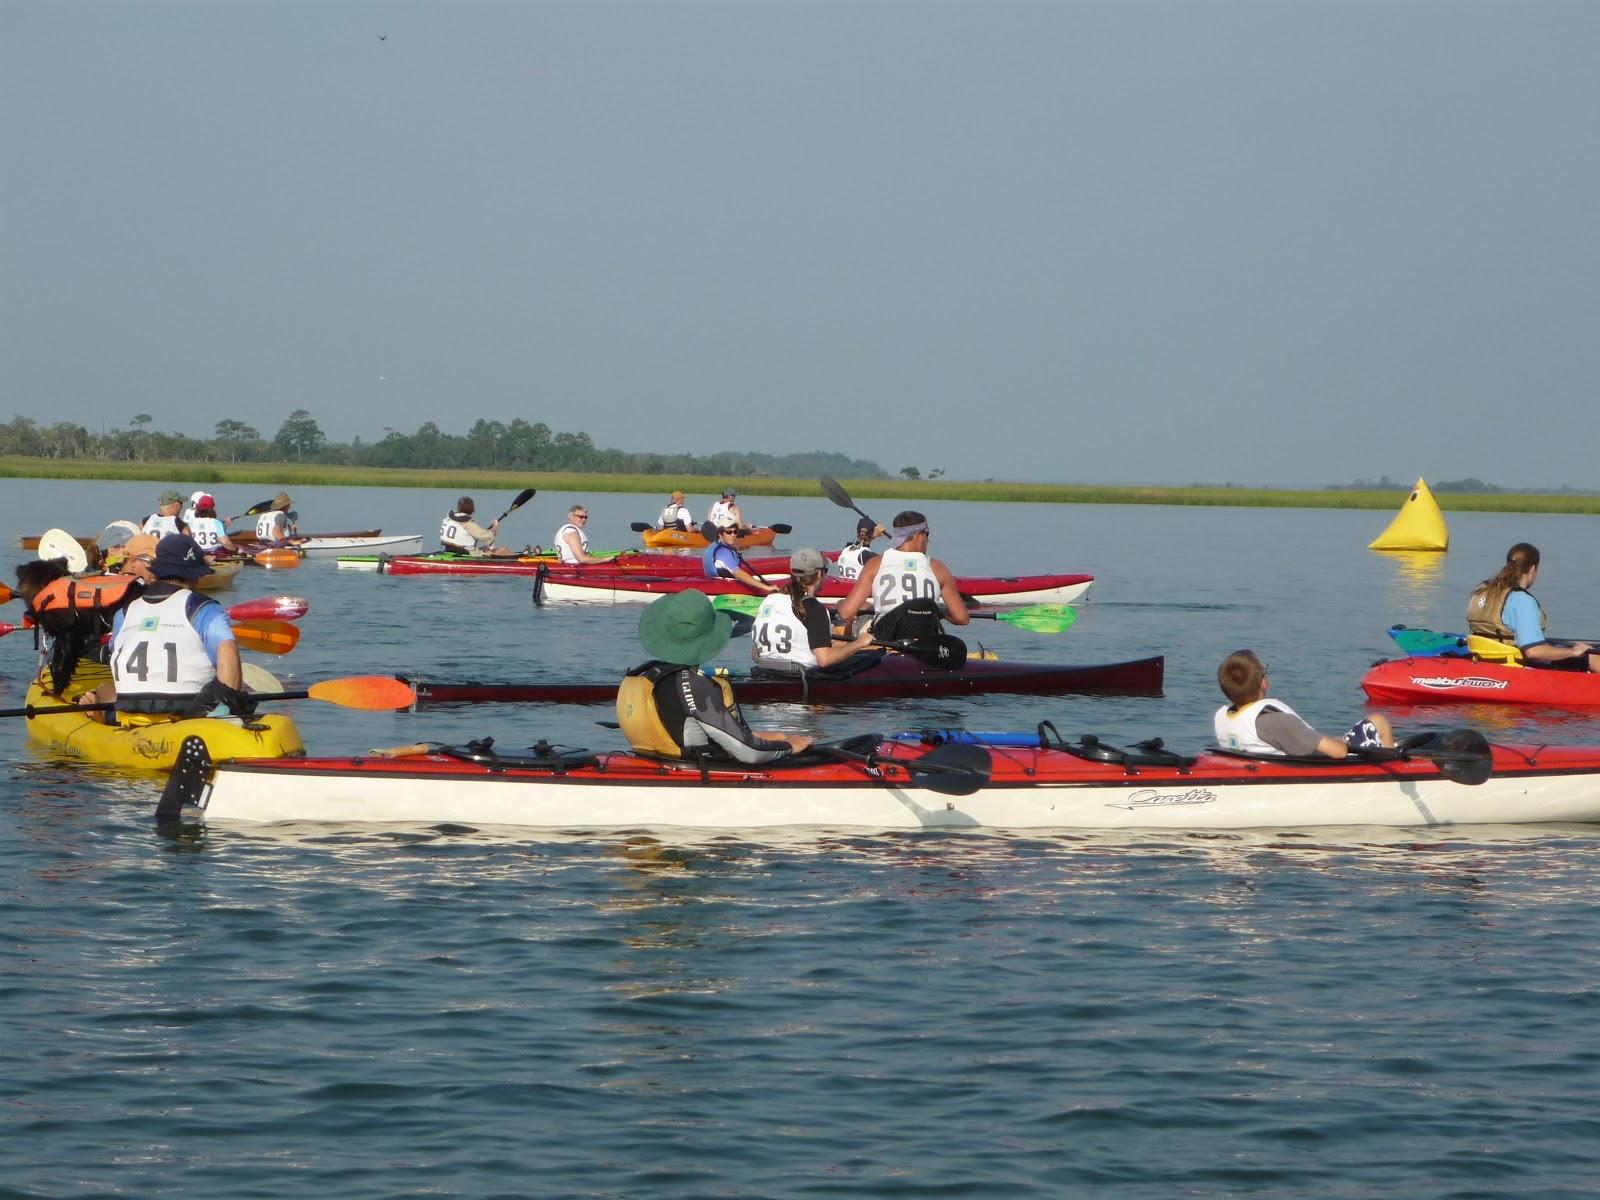 Tybee Island Races